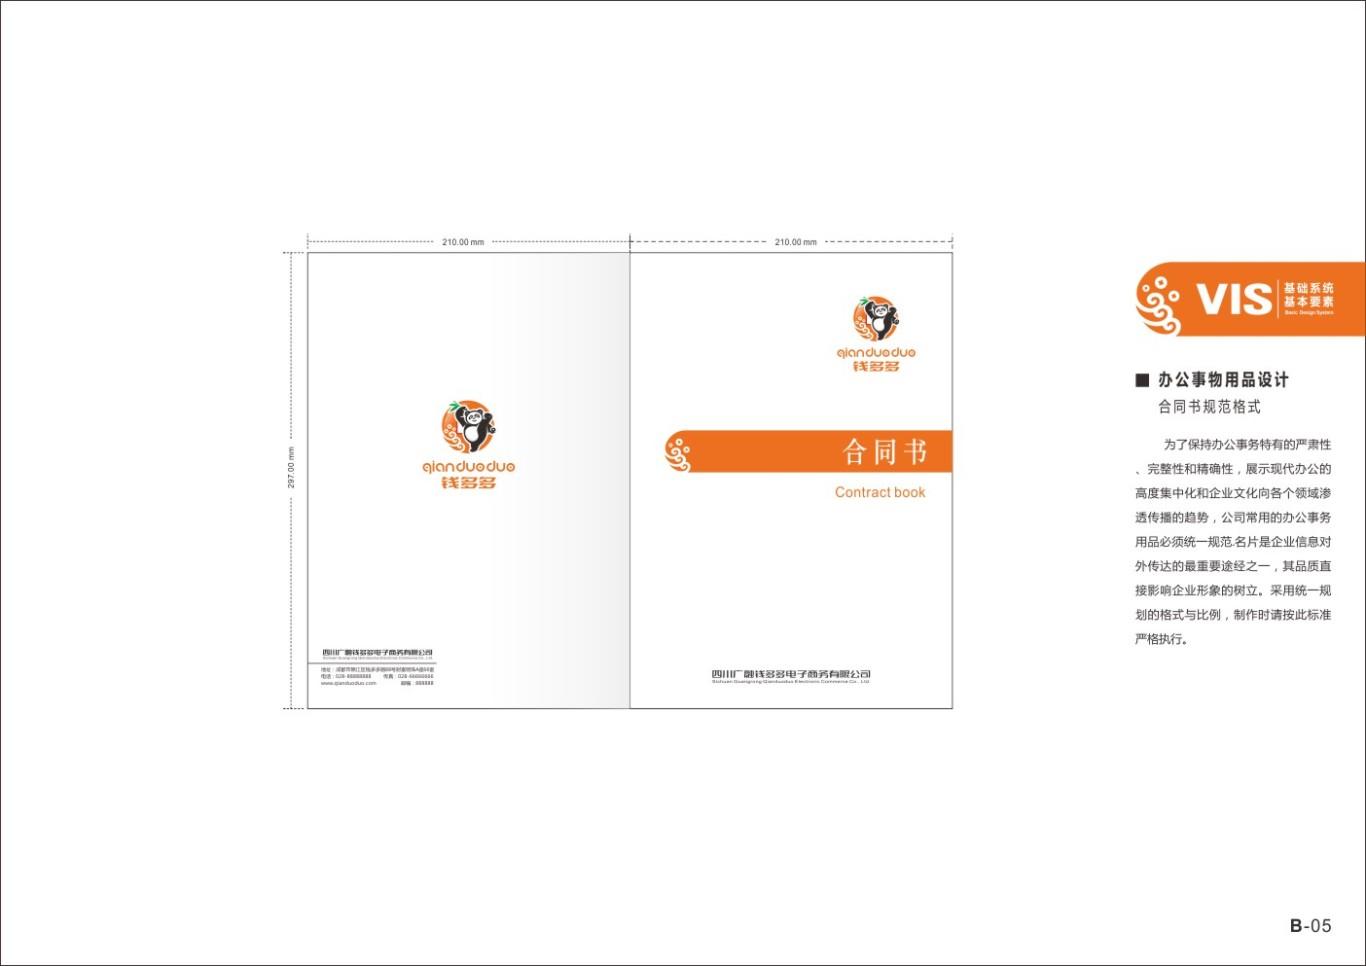 四川广融钱多多品牌及VI形象设计图21